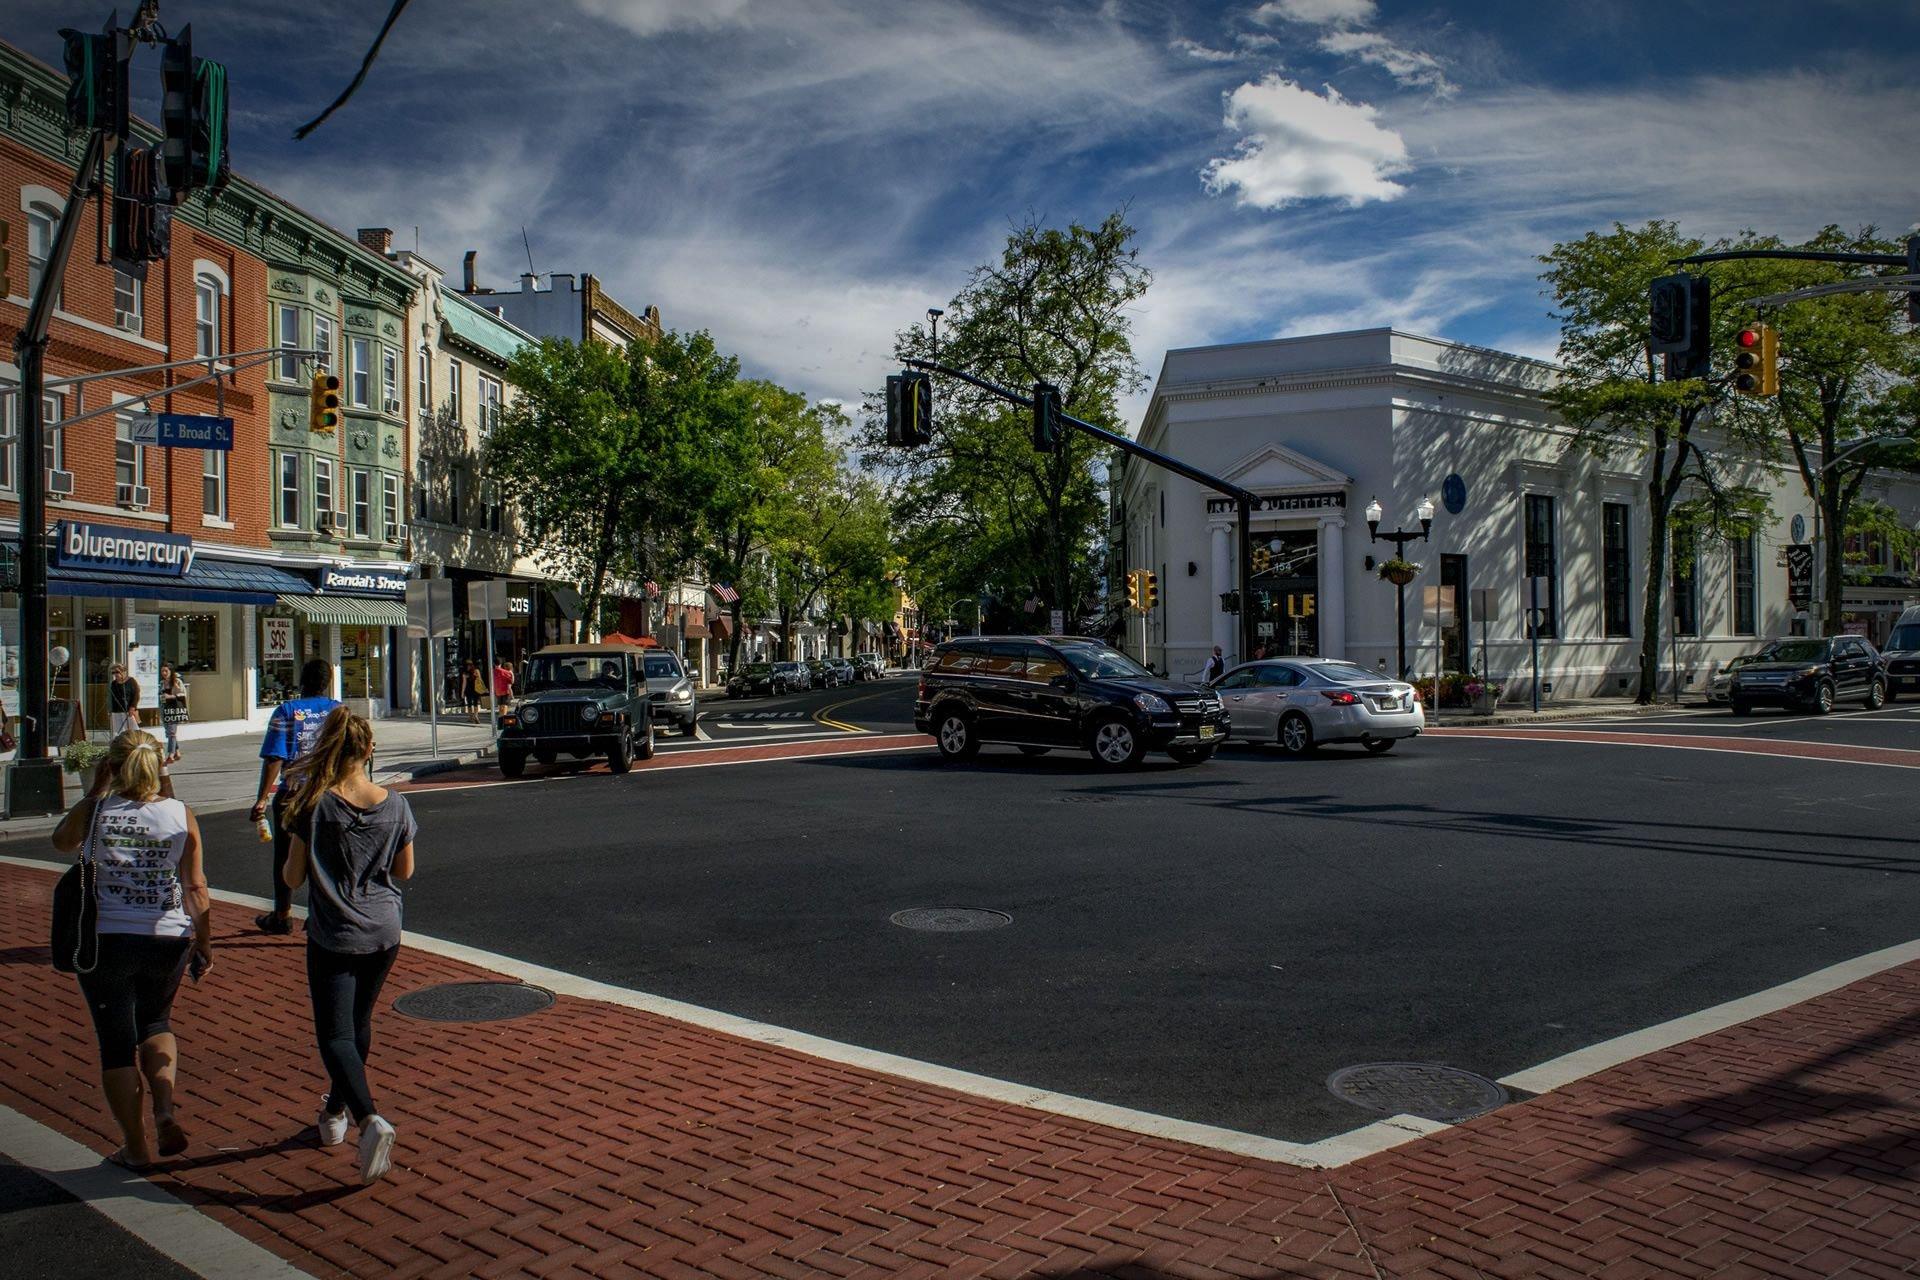 Downtown Westfield NJ